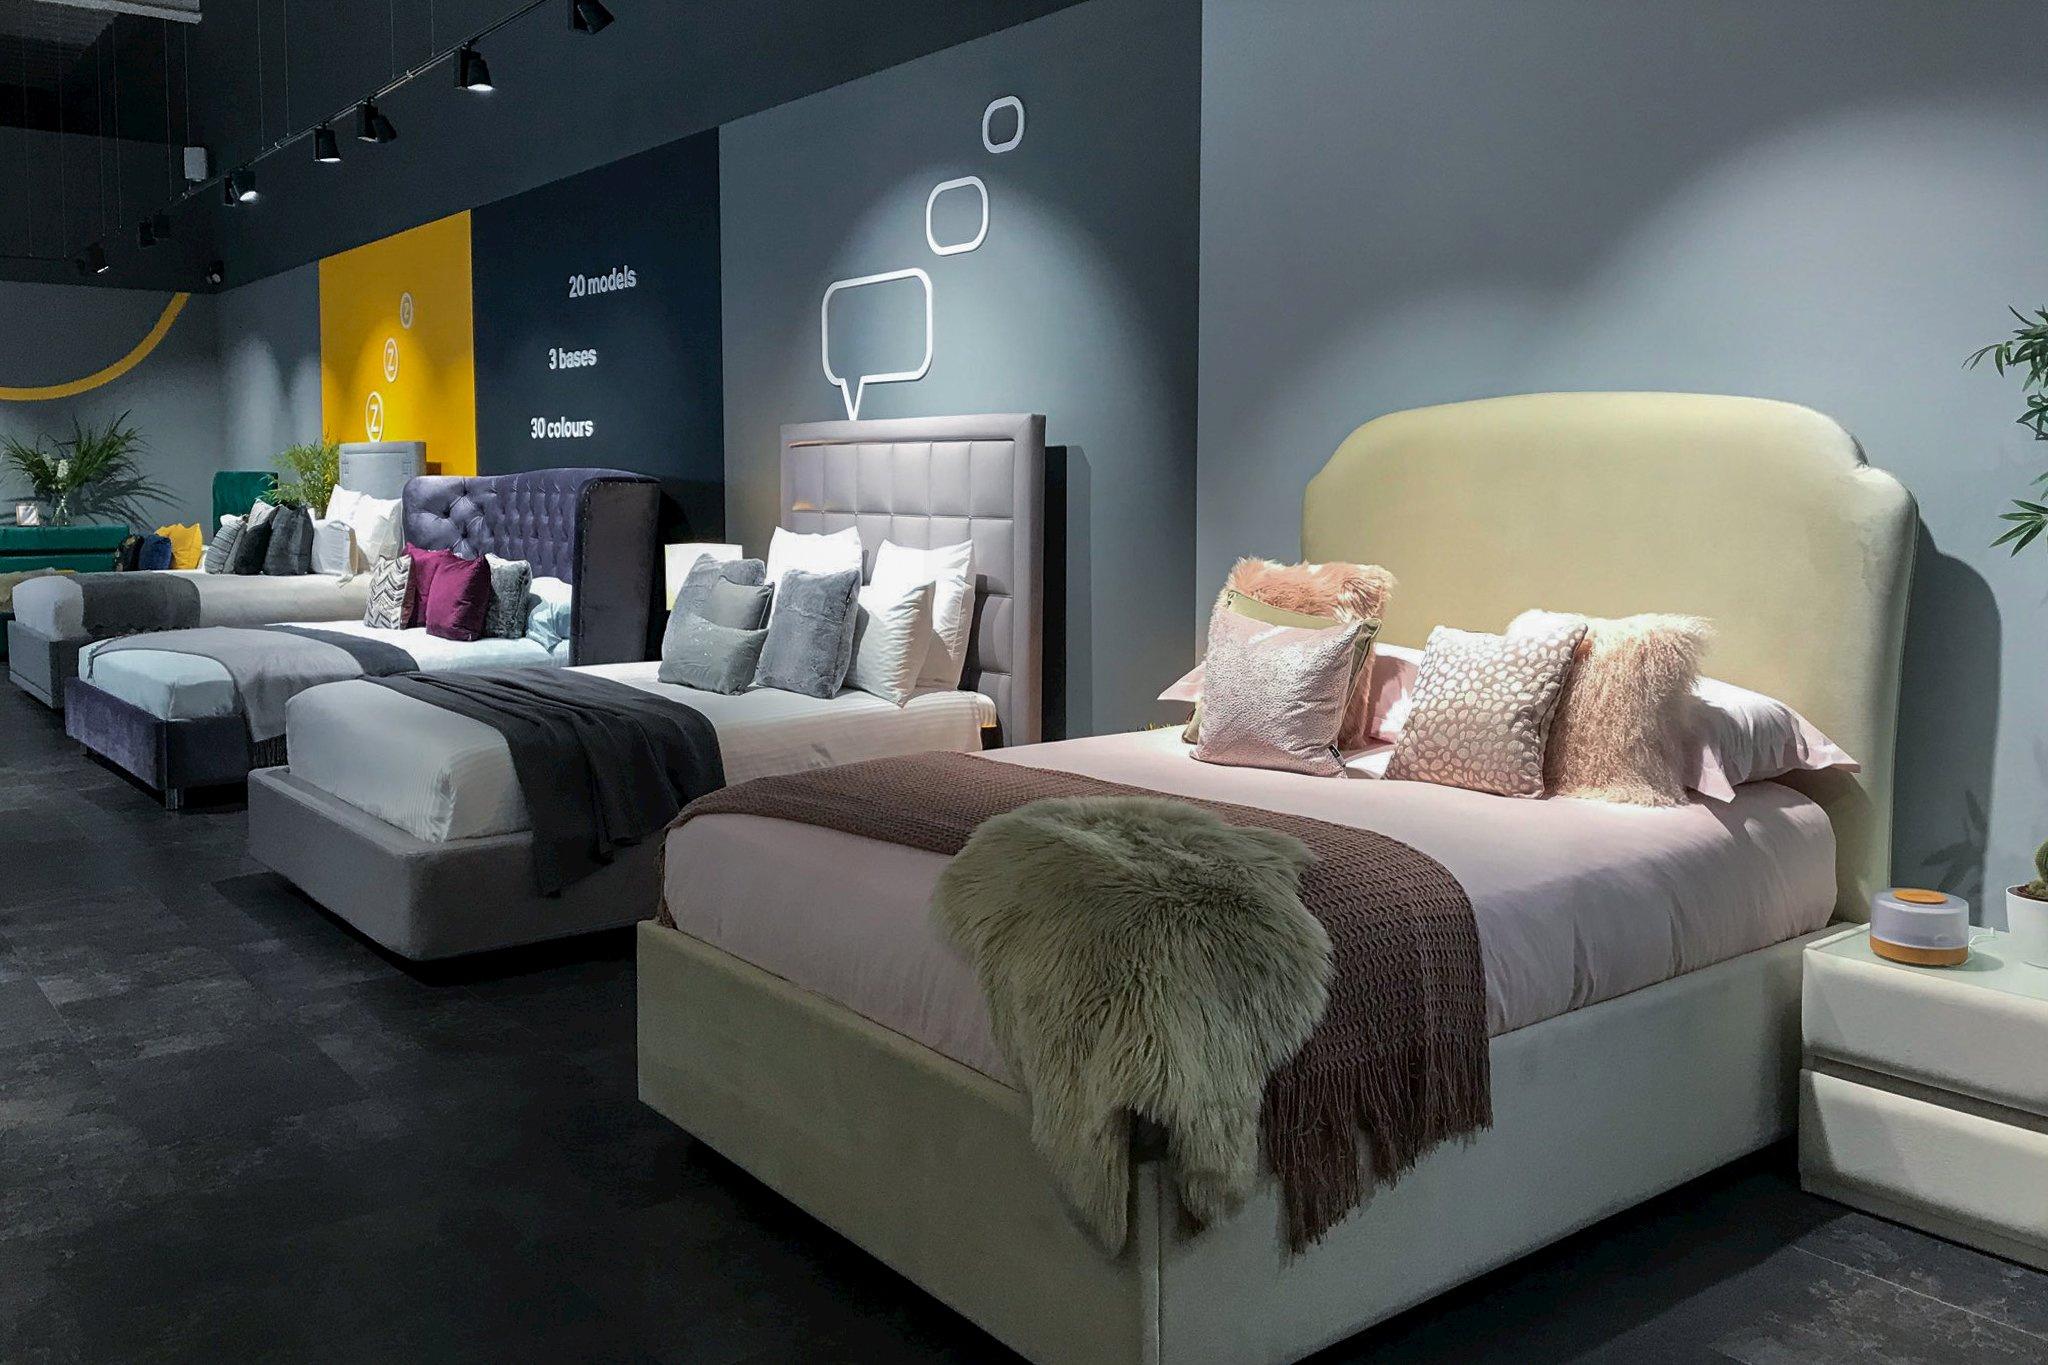 диван-студия, лоскутное одеяло